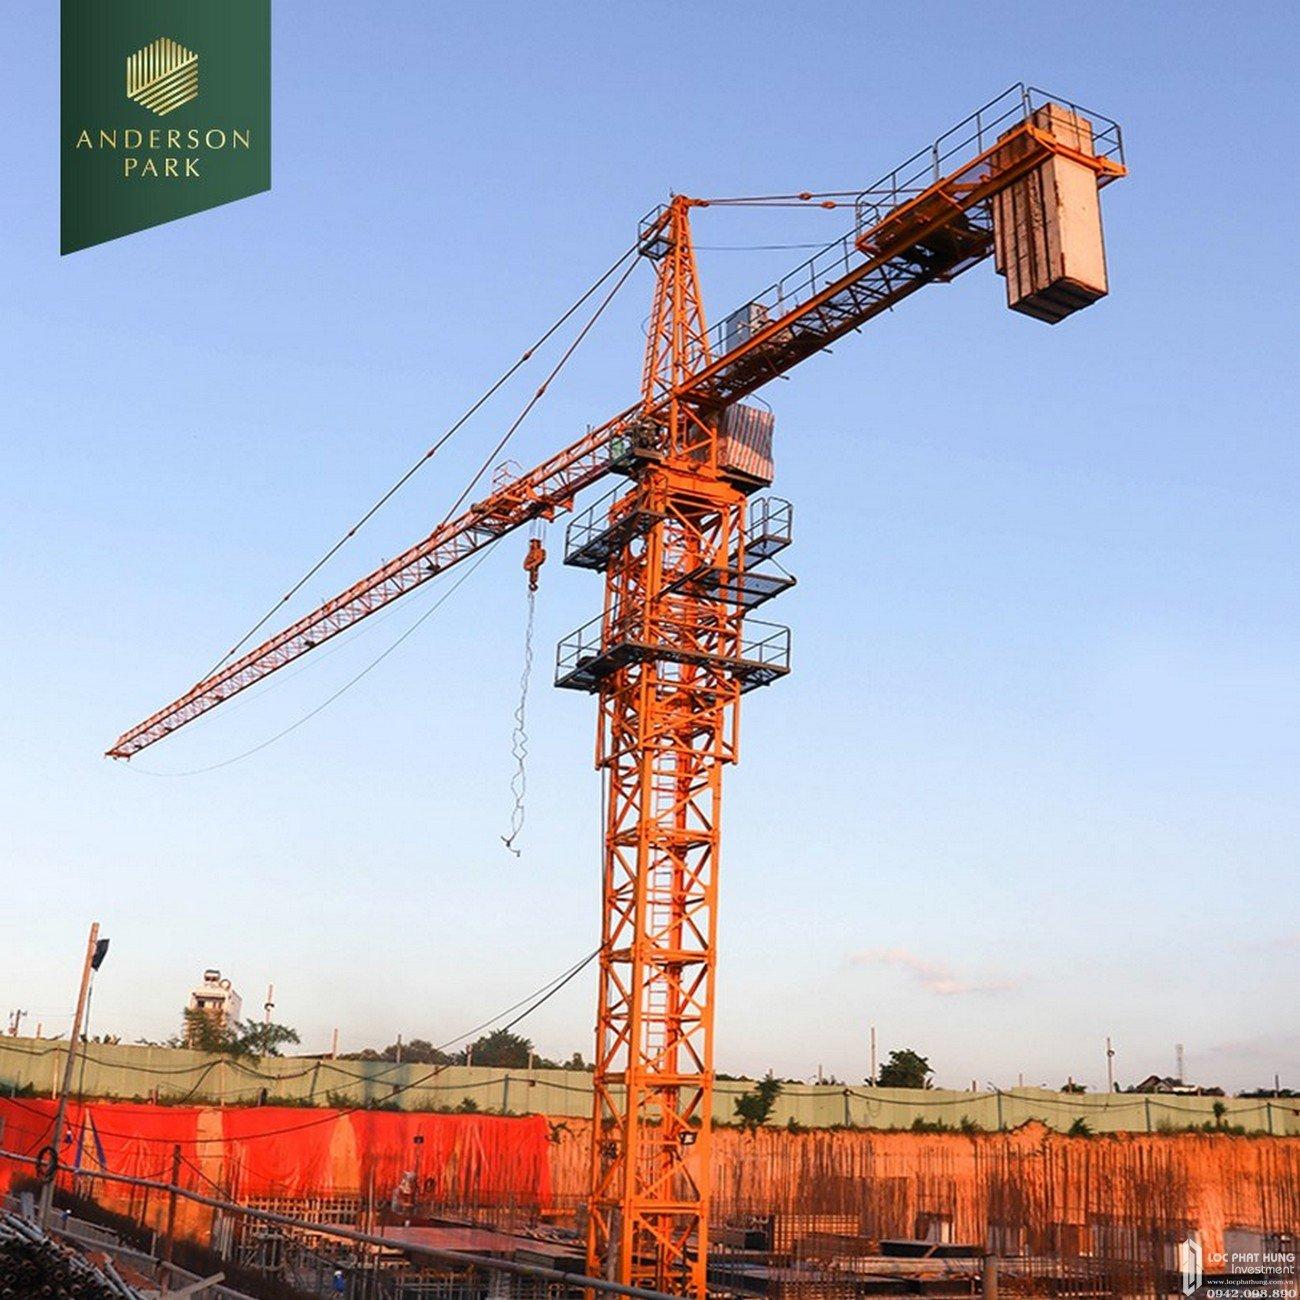 Tiến độ dự án căn hộ chung cư Anderson Park Thuận An Bình Dương tháng 11/2020